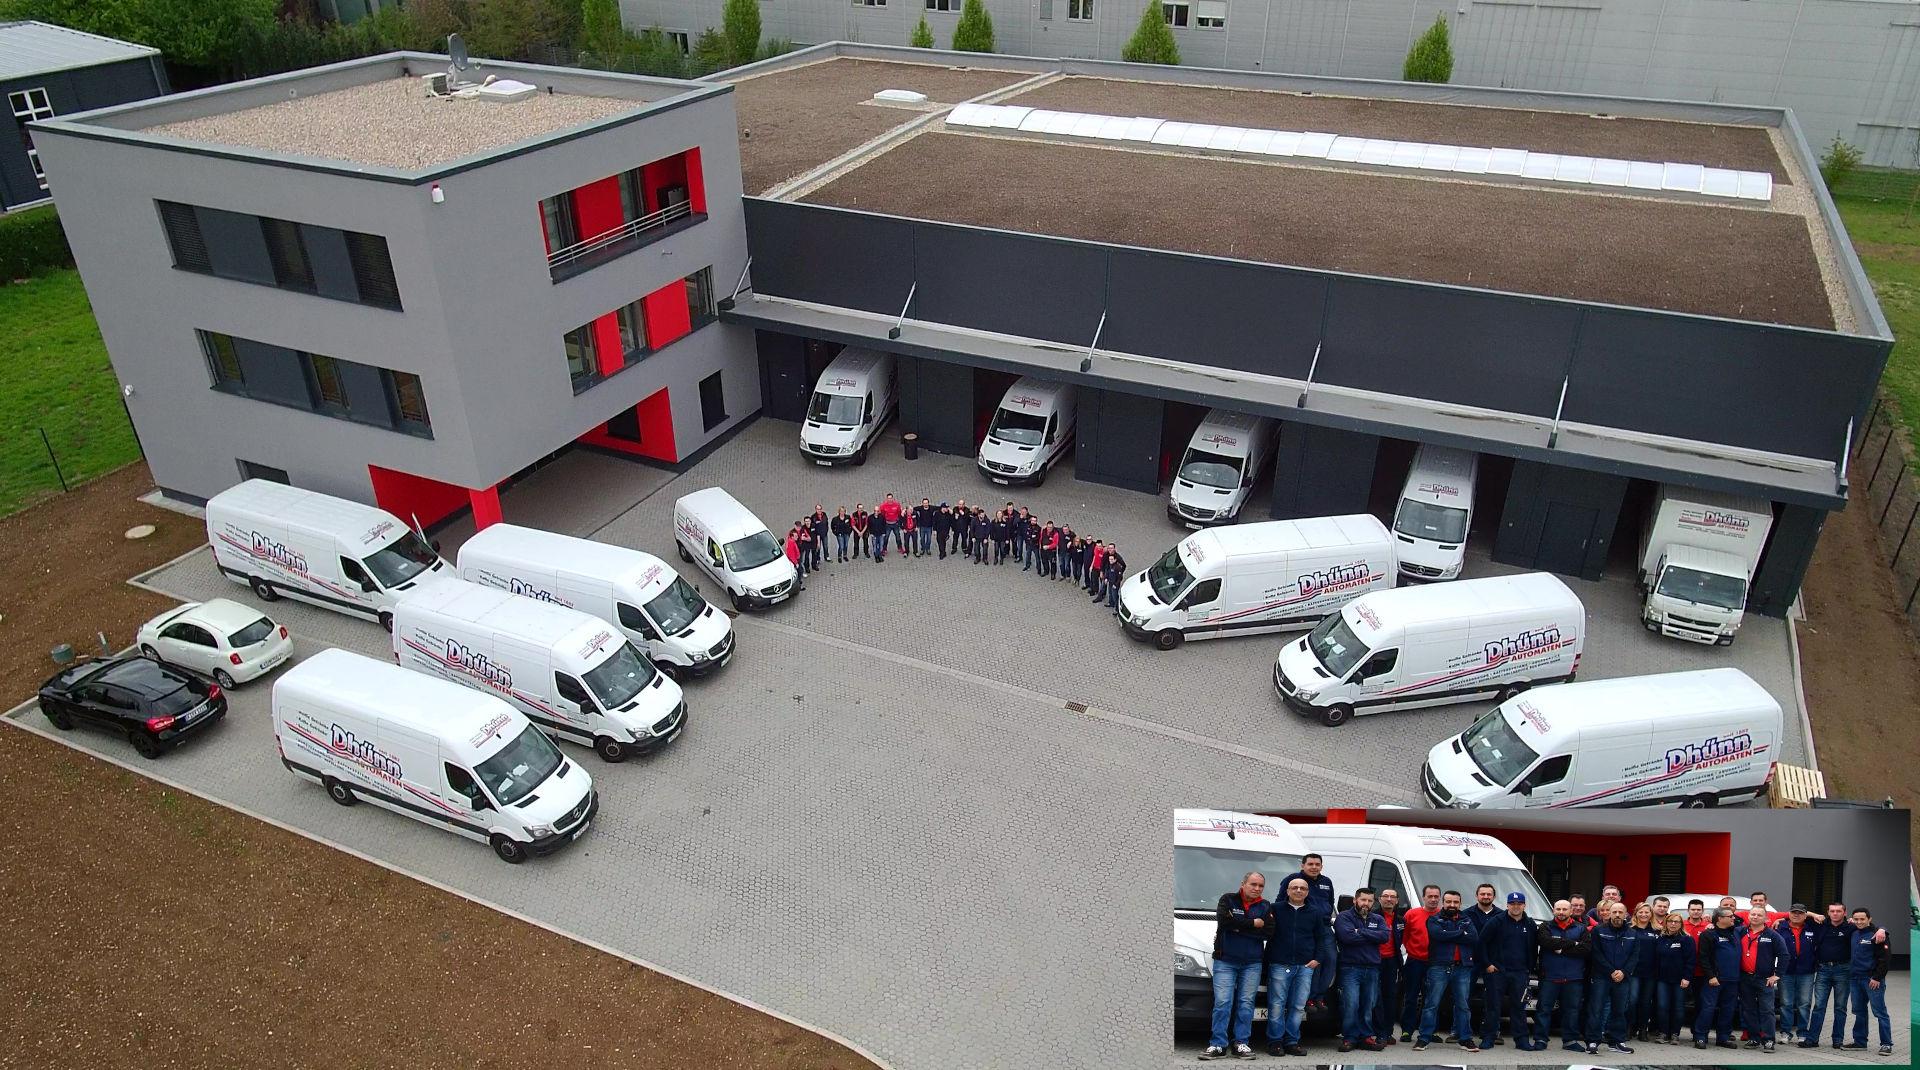 Kein Test - Gelände der Dhünn Automaten GmbH. Snackautomaten, Getränkeautomaten, Kaffeeautomaten